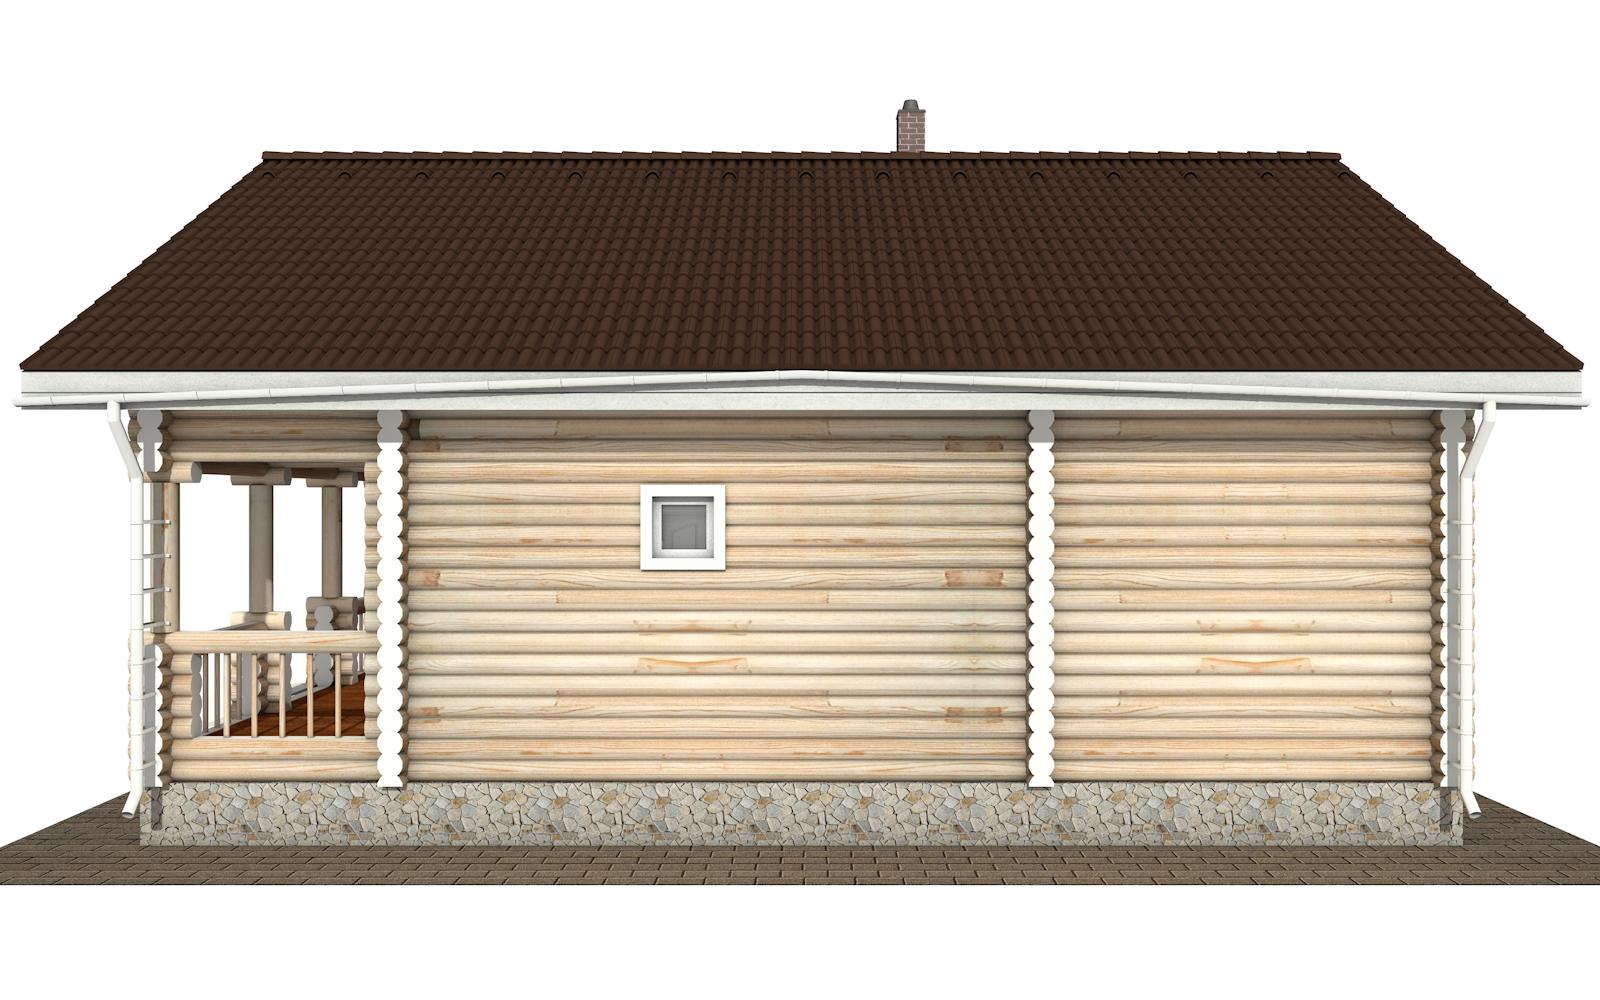 Фото #10: Красивый деревянный дом РС-177 из бревна